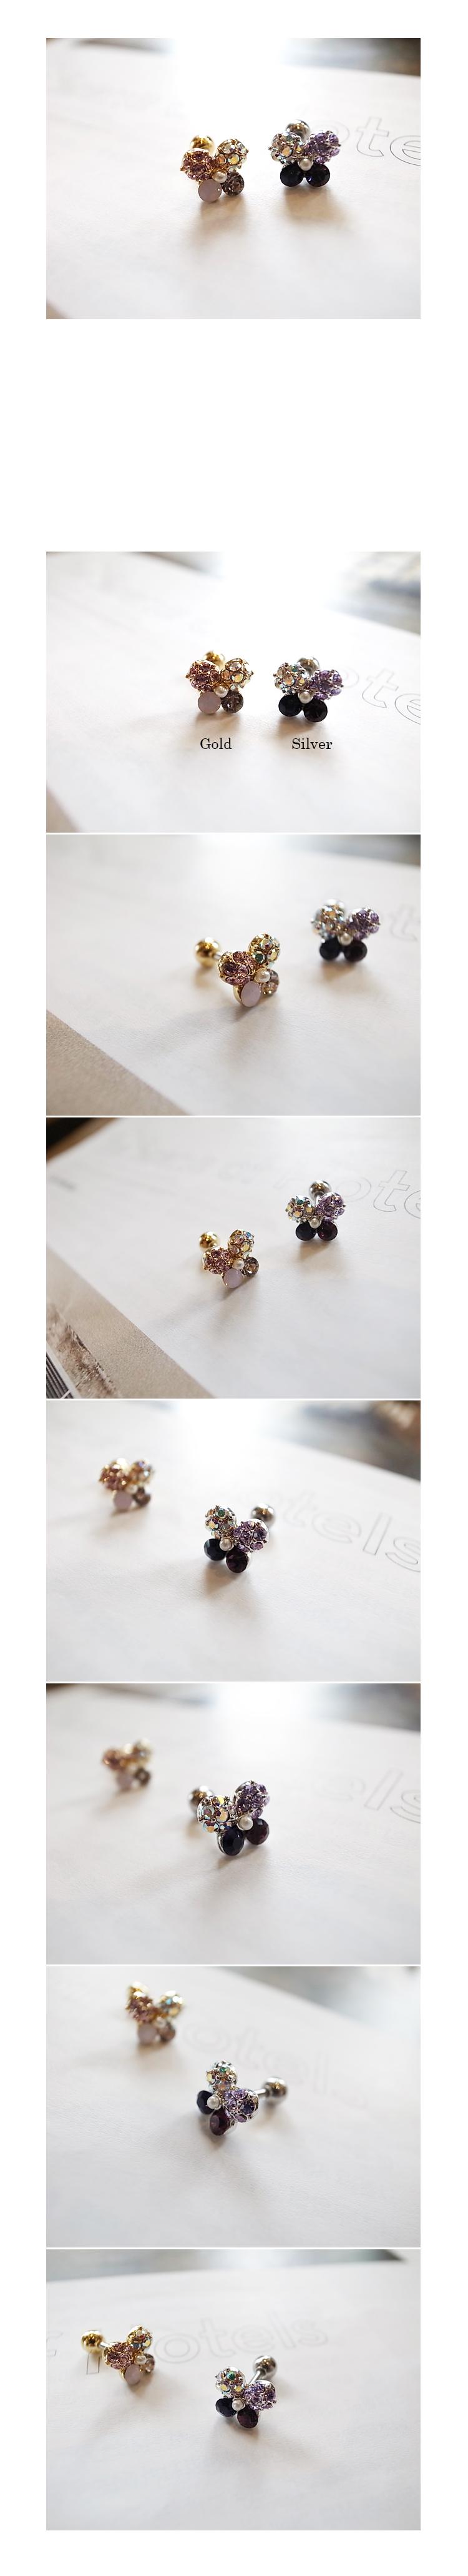 韓國 NaniWorld 混色蝴蝶耳環 (單入) #3186 金色